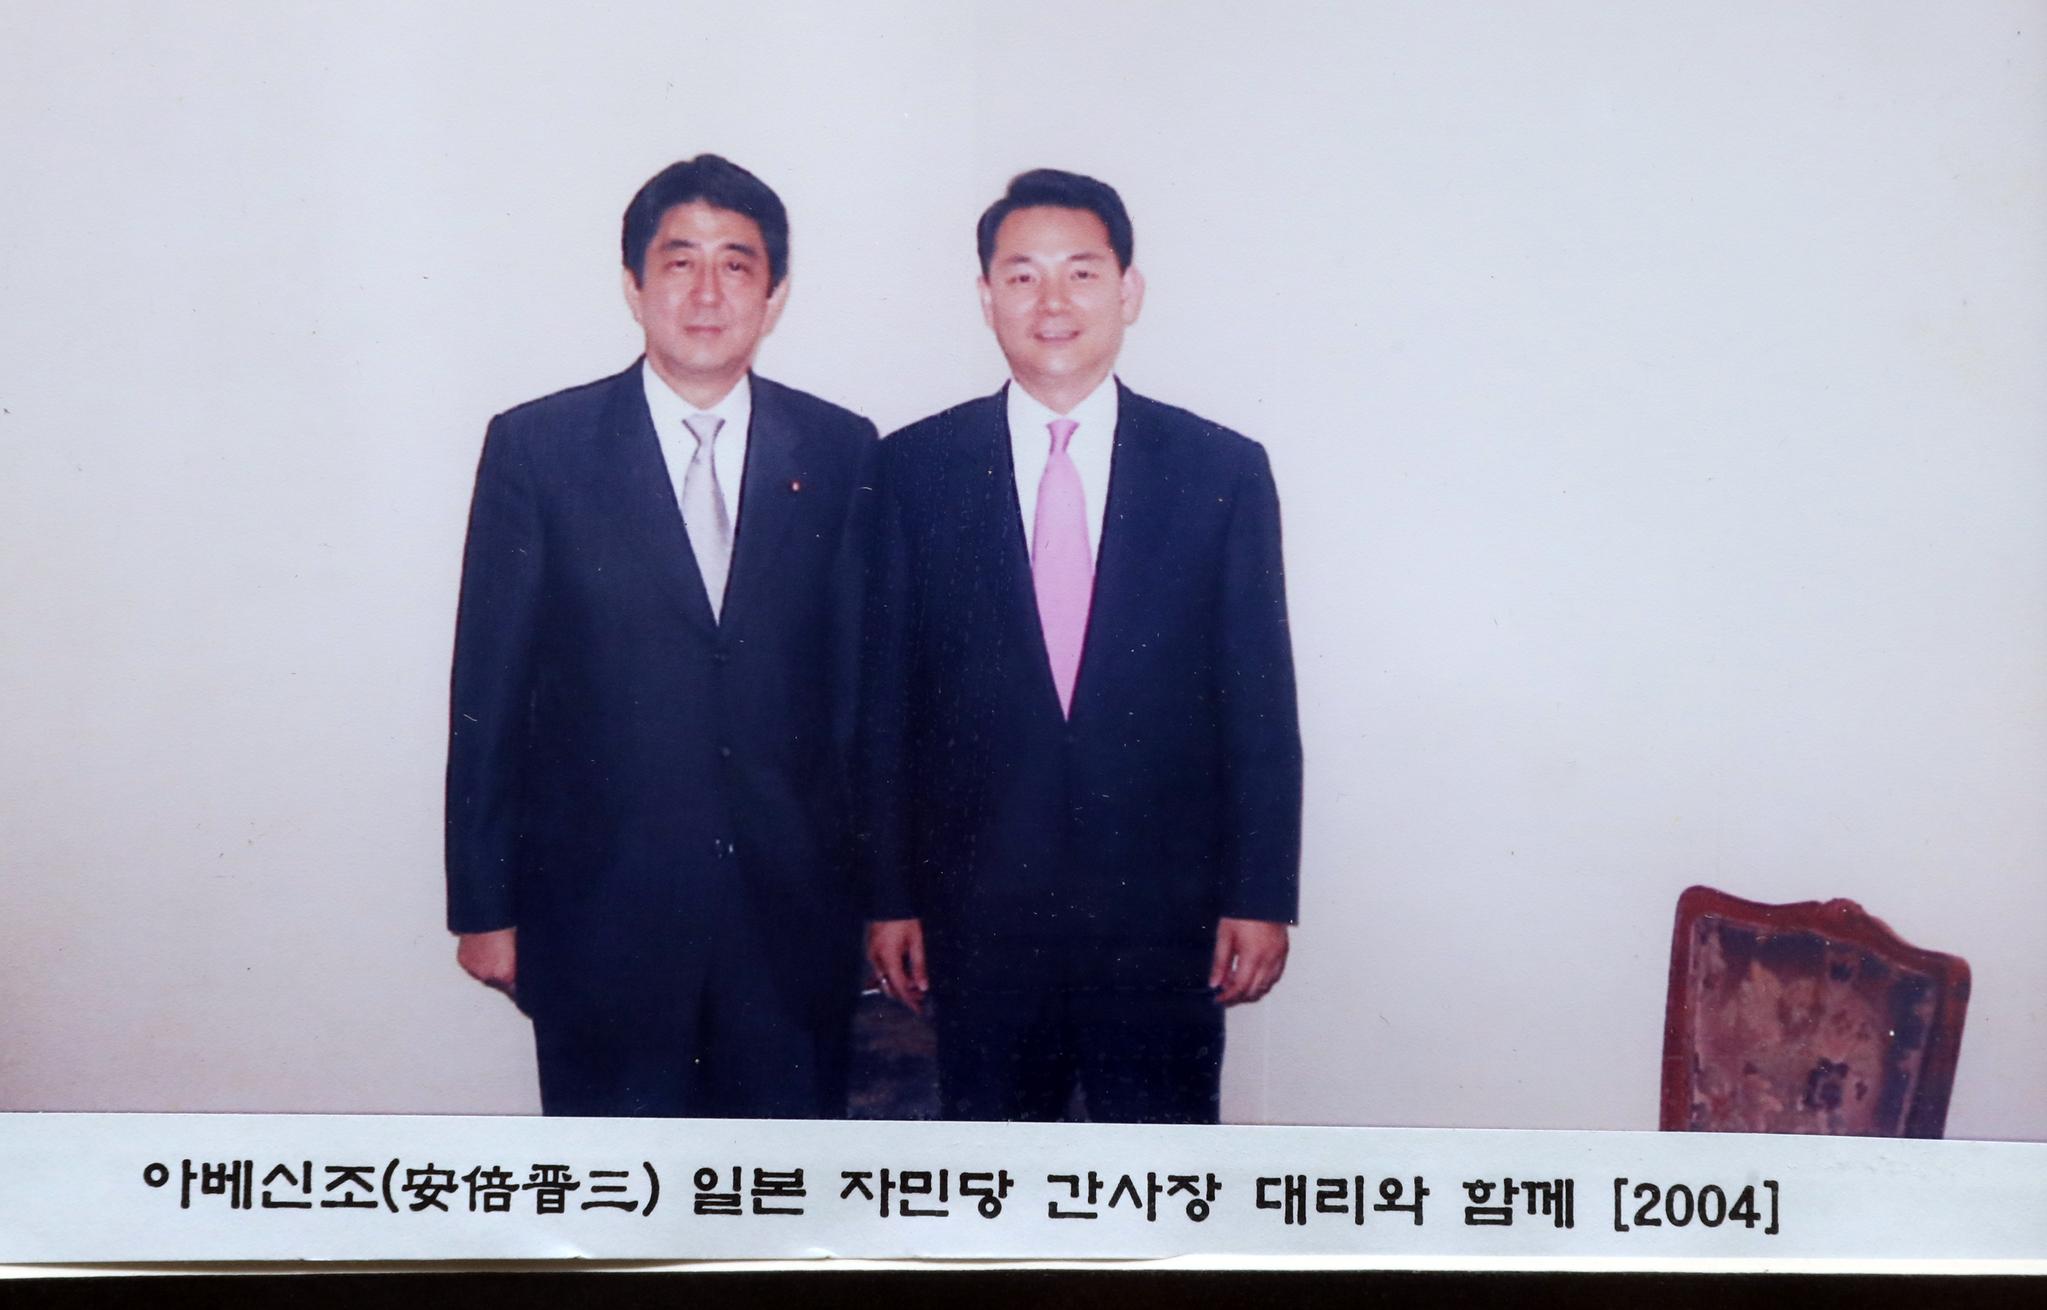 장 전 의원 2004년 도쿄 플라자 호텔에서 아베 신조 당시 자민당 간사장 대리와 단독 면담했다.